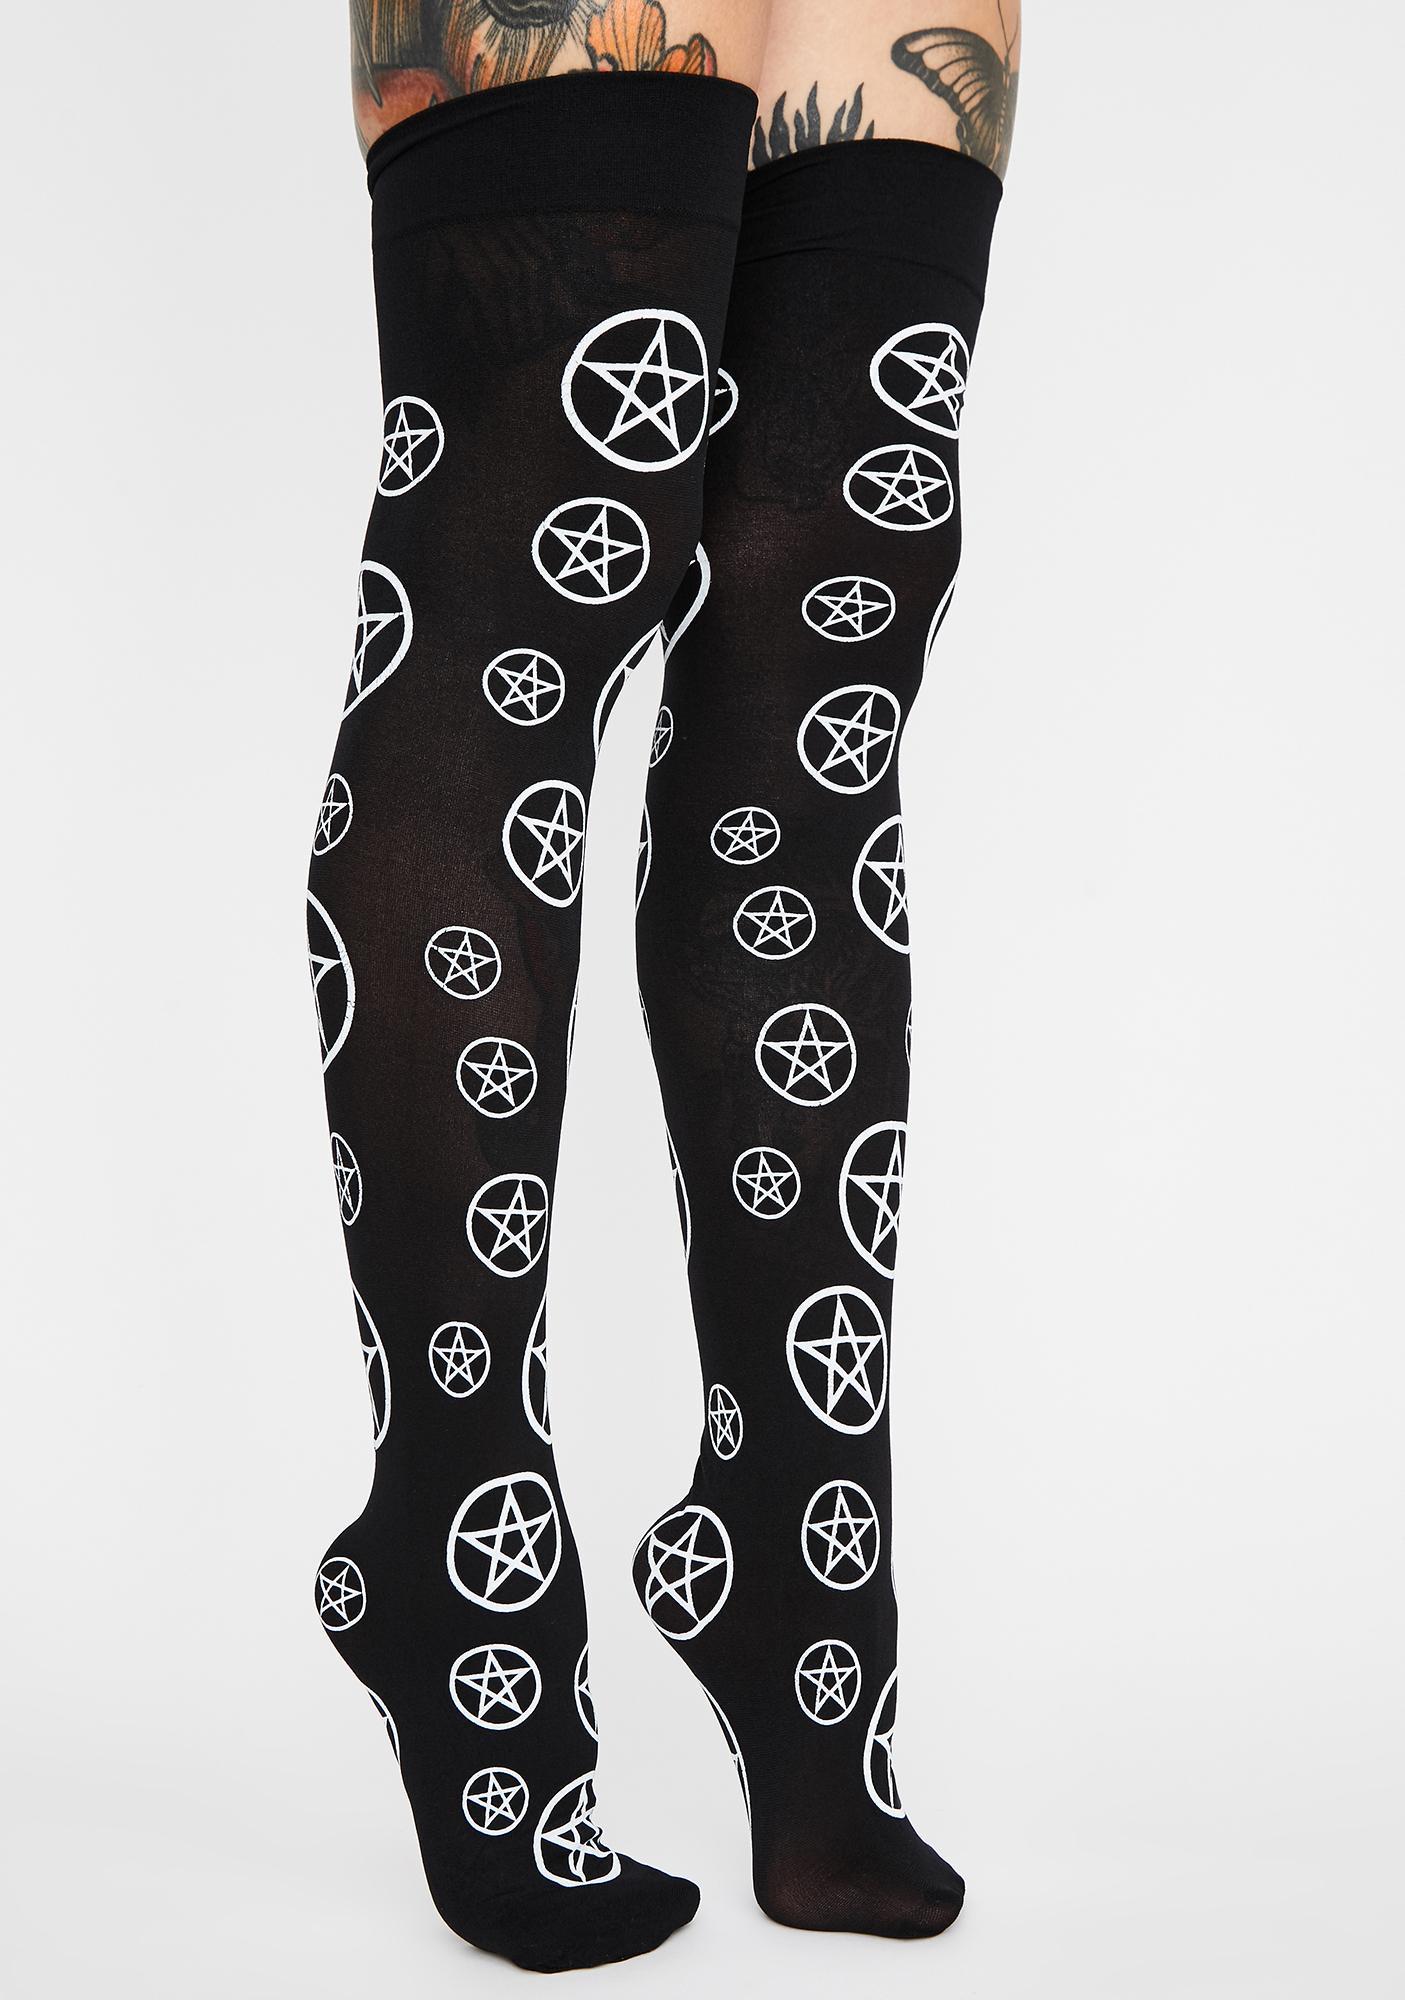 Spirit Whisperer Thigh High Socks